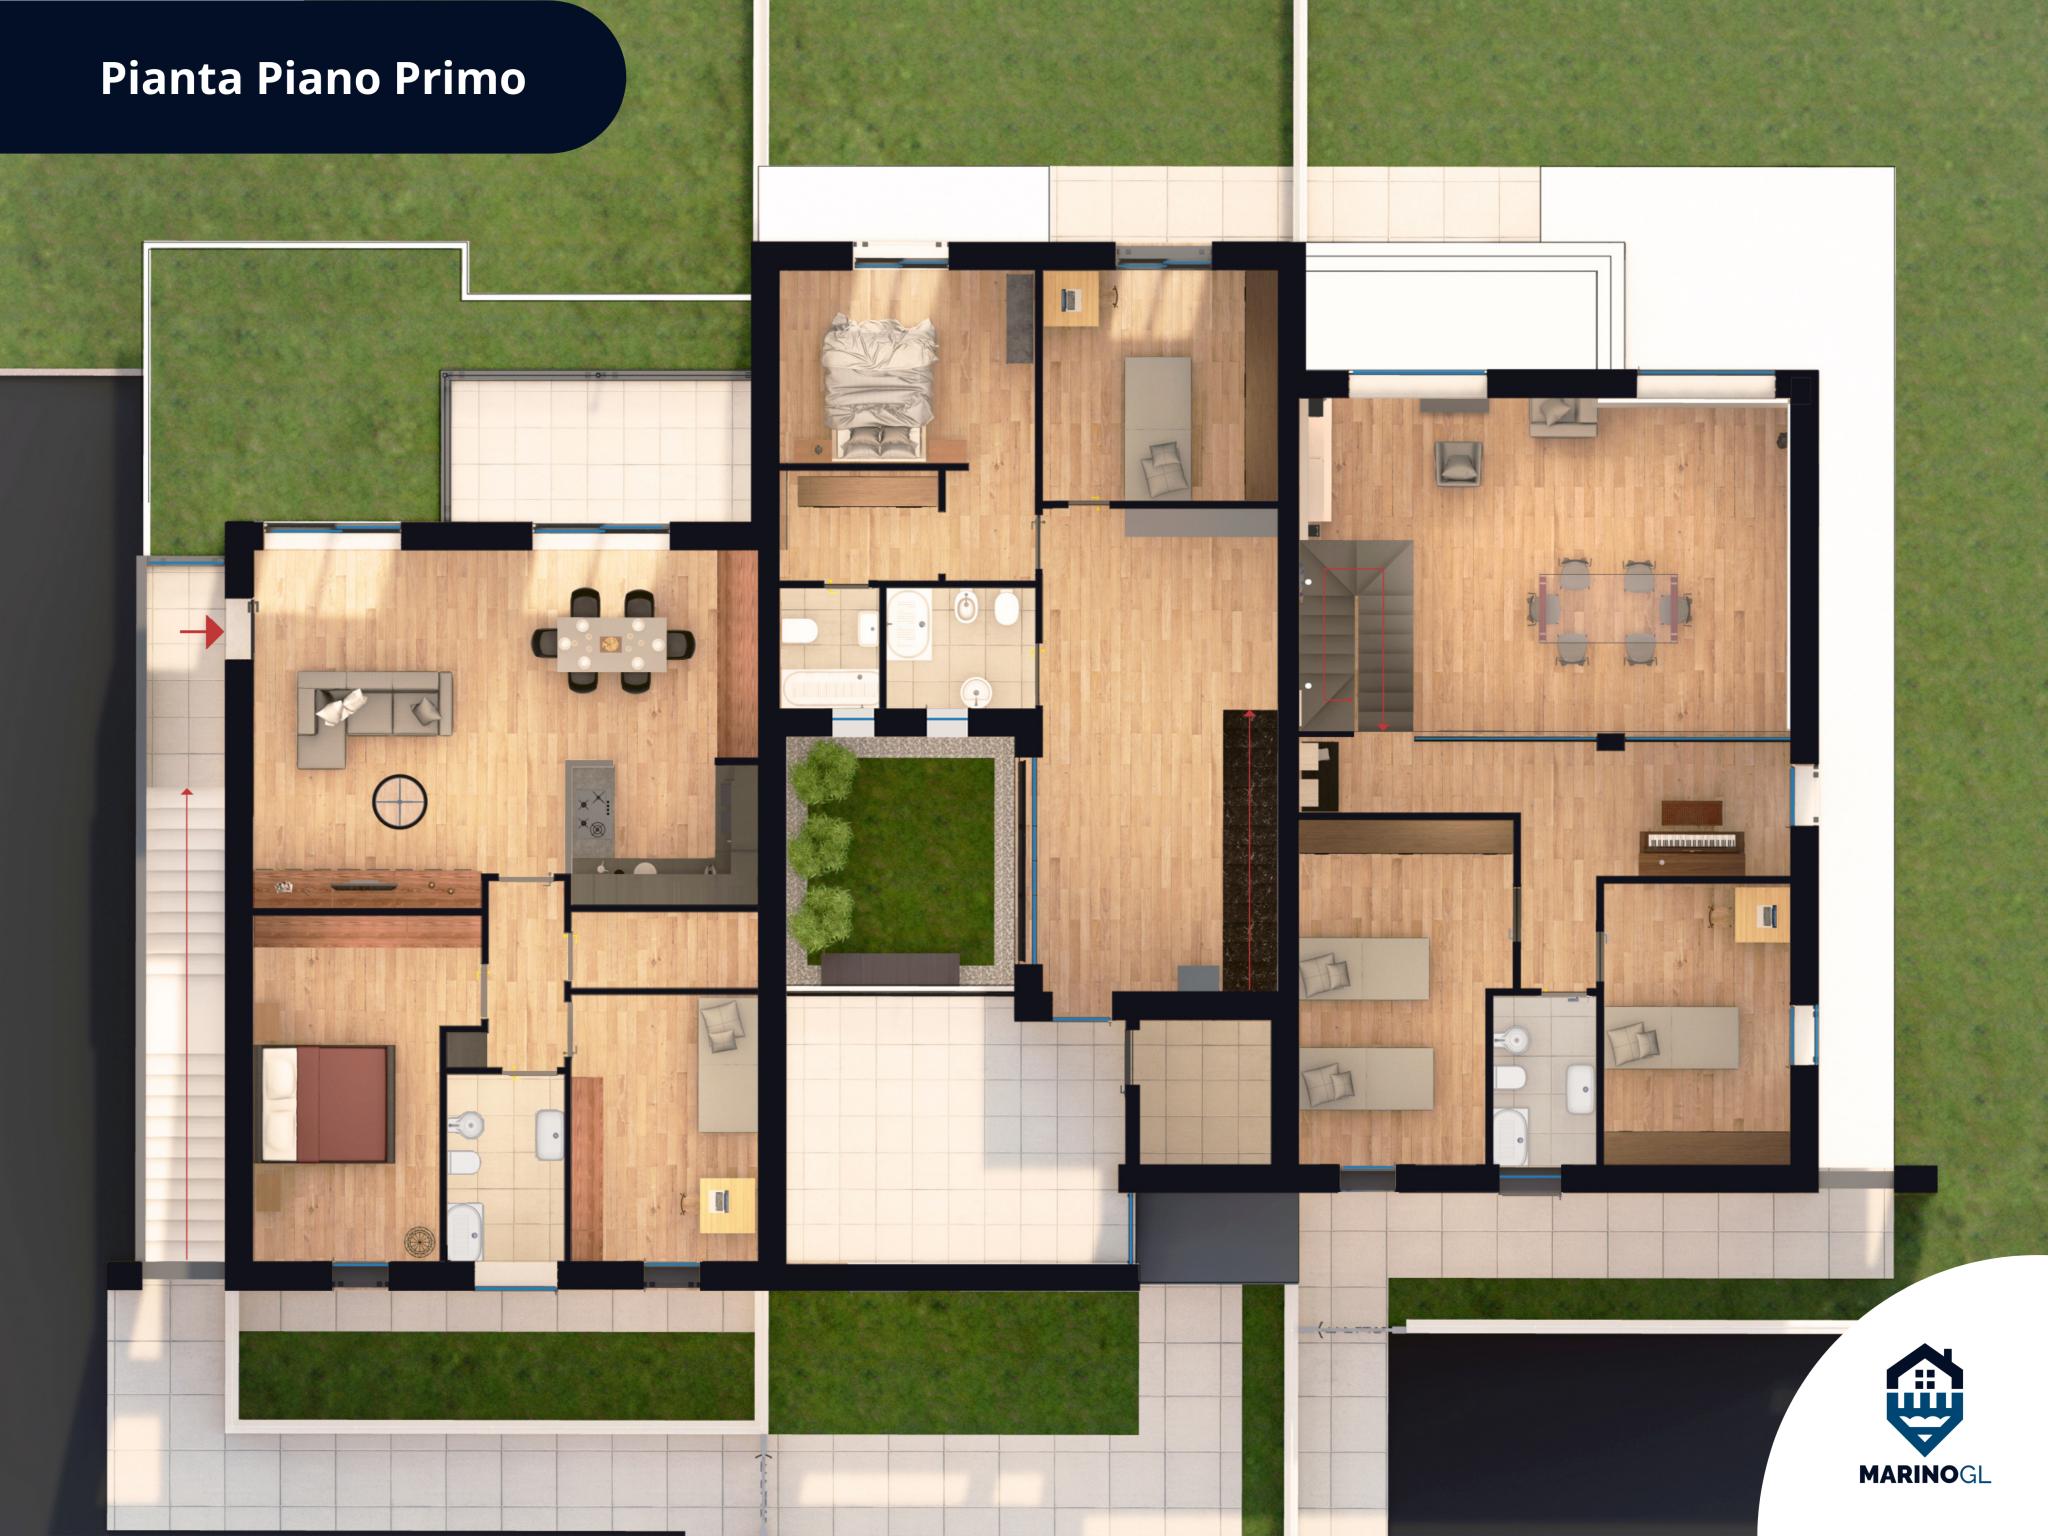 Piantina_piano-primo_villa_Marino-GL